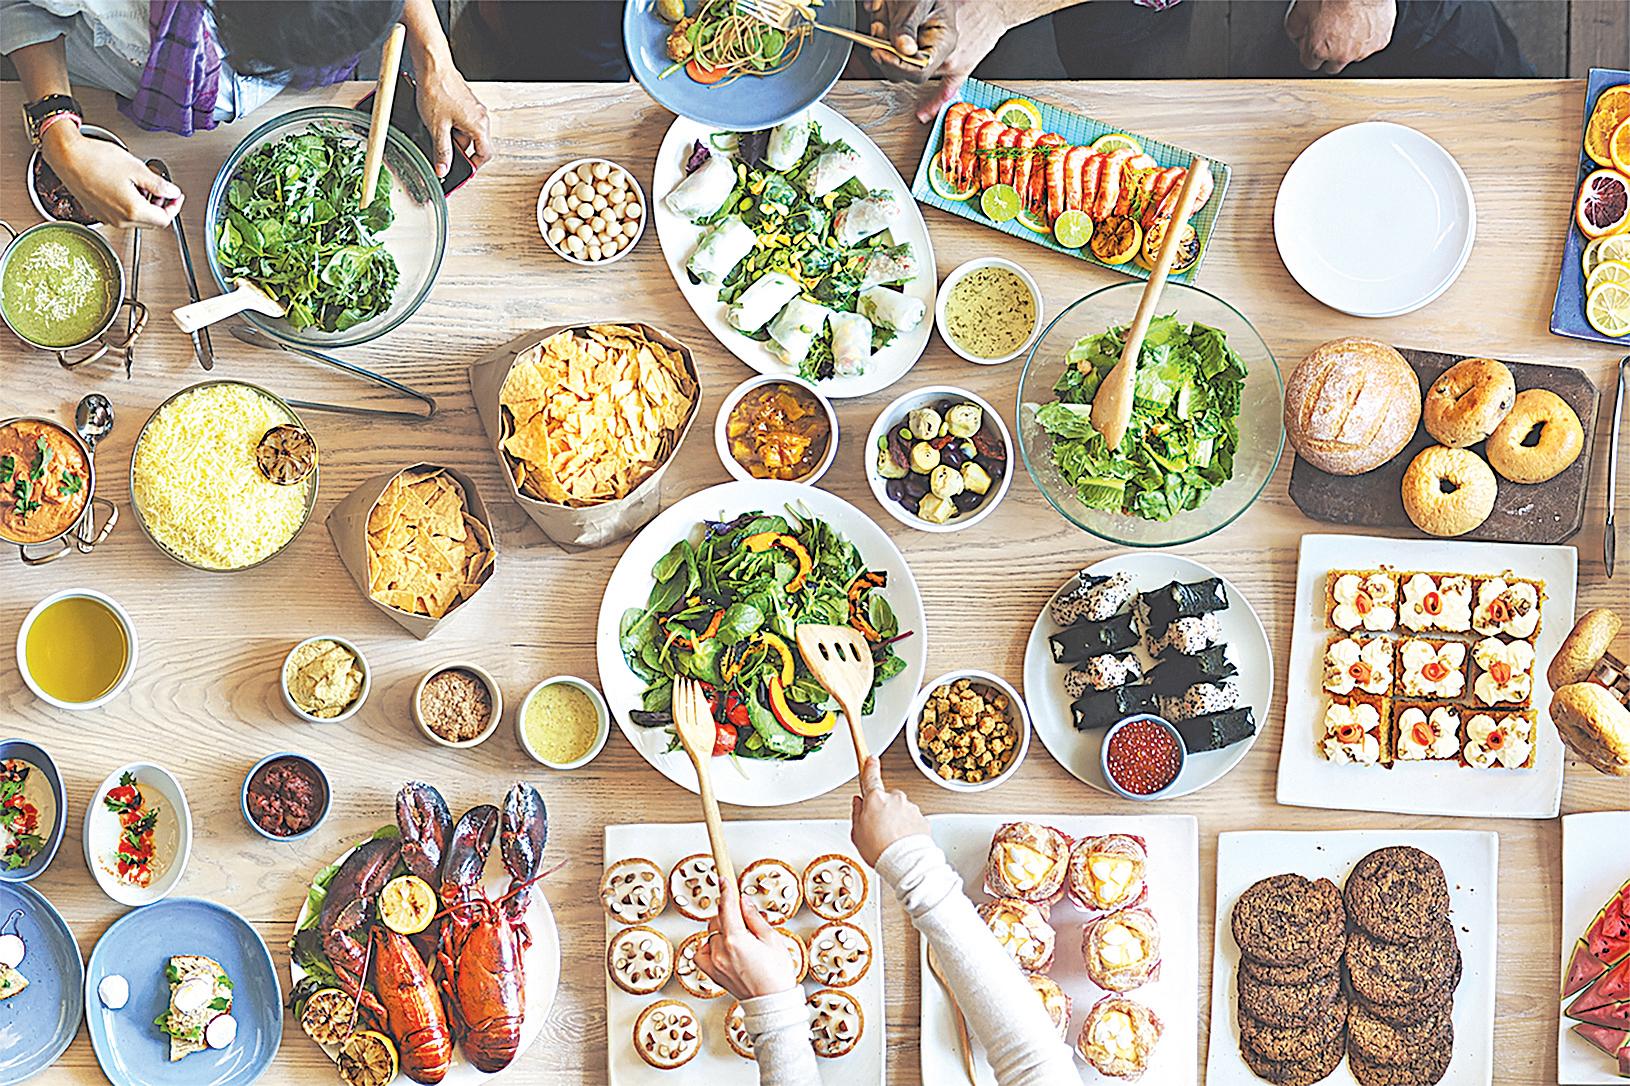 人體70%膽固醇會自然生成,其餘30%藉由飲食攝取。(Shutterstock)